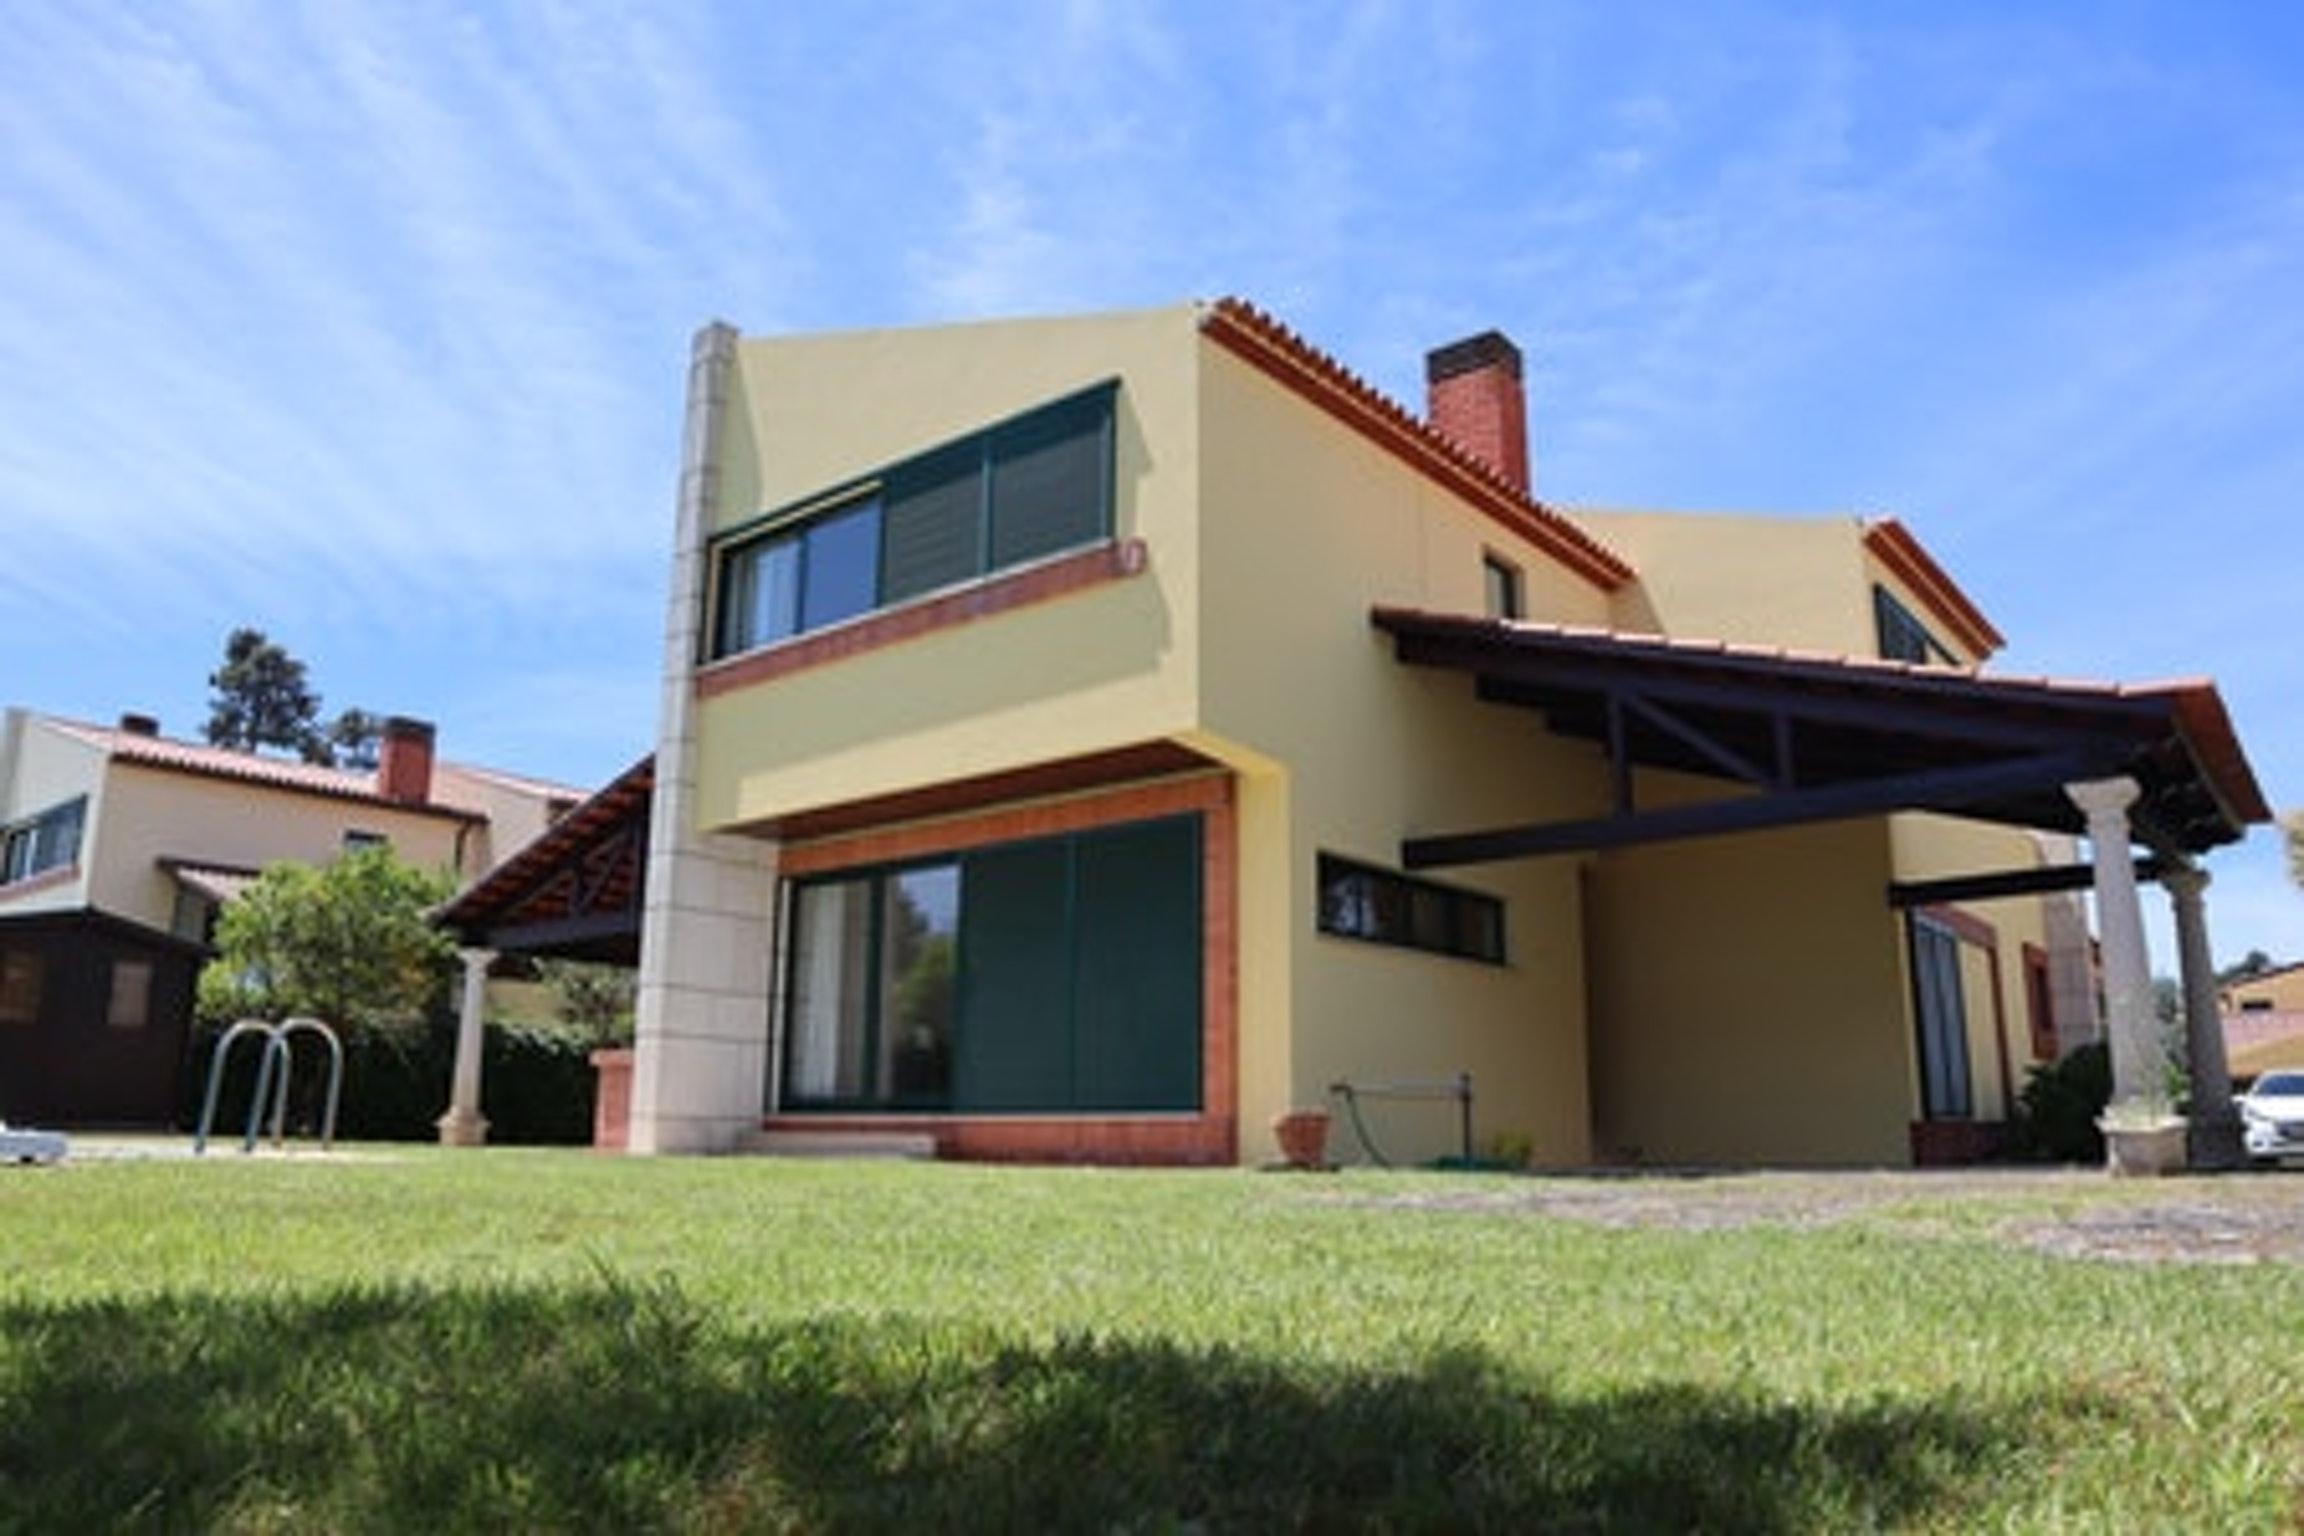 Ferienhaus Villa mit 4 Schlafzimmern in Praia de Mira mit privatem Pool, eingezäuntem Garten und W-LA (2623071), Praia de Mira, Costa de Prata, Zentral-Portugal, Portugal, Bild 36